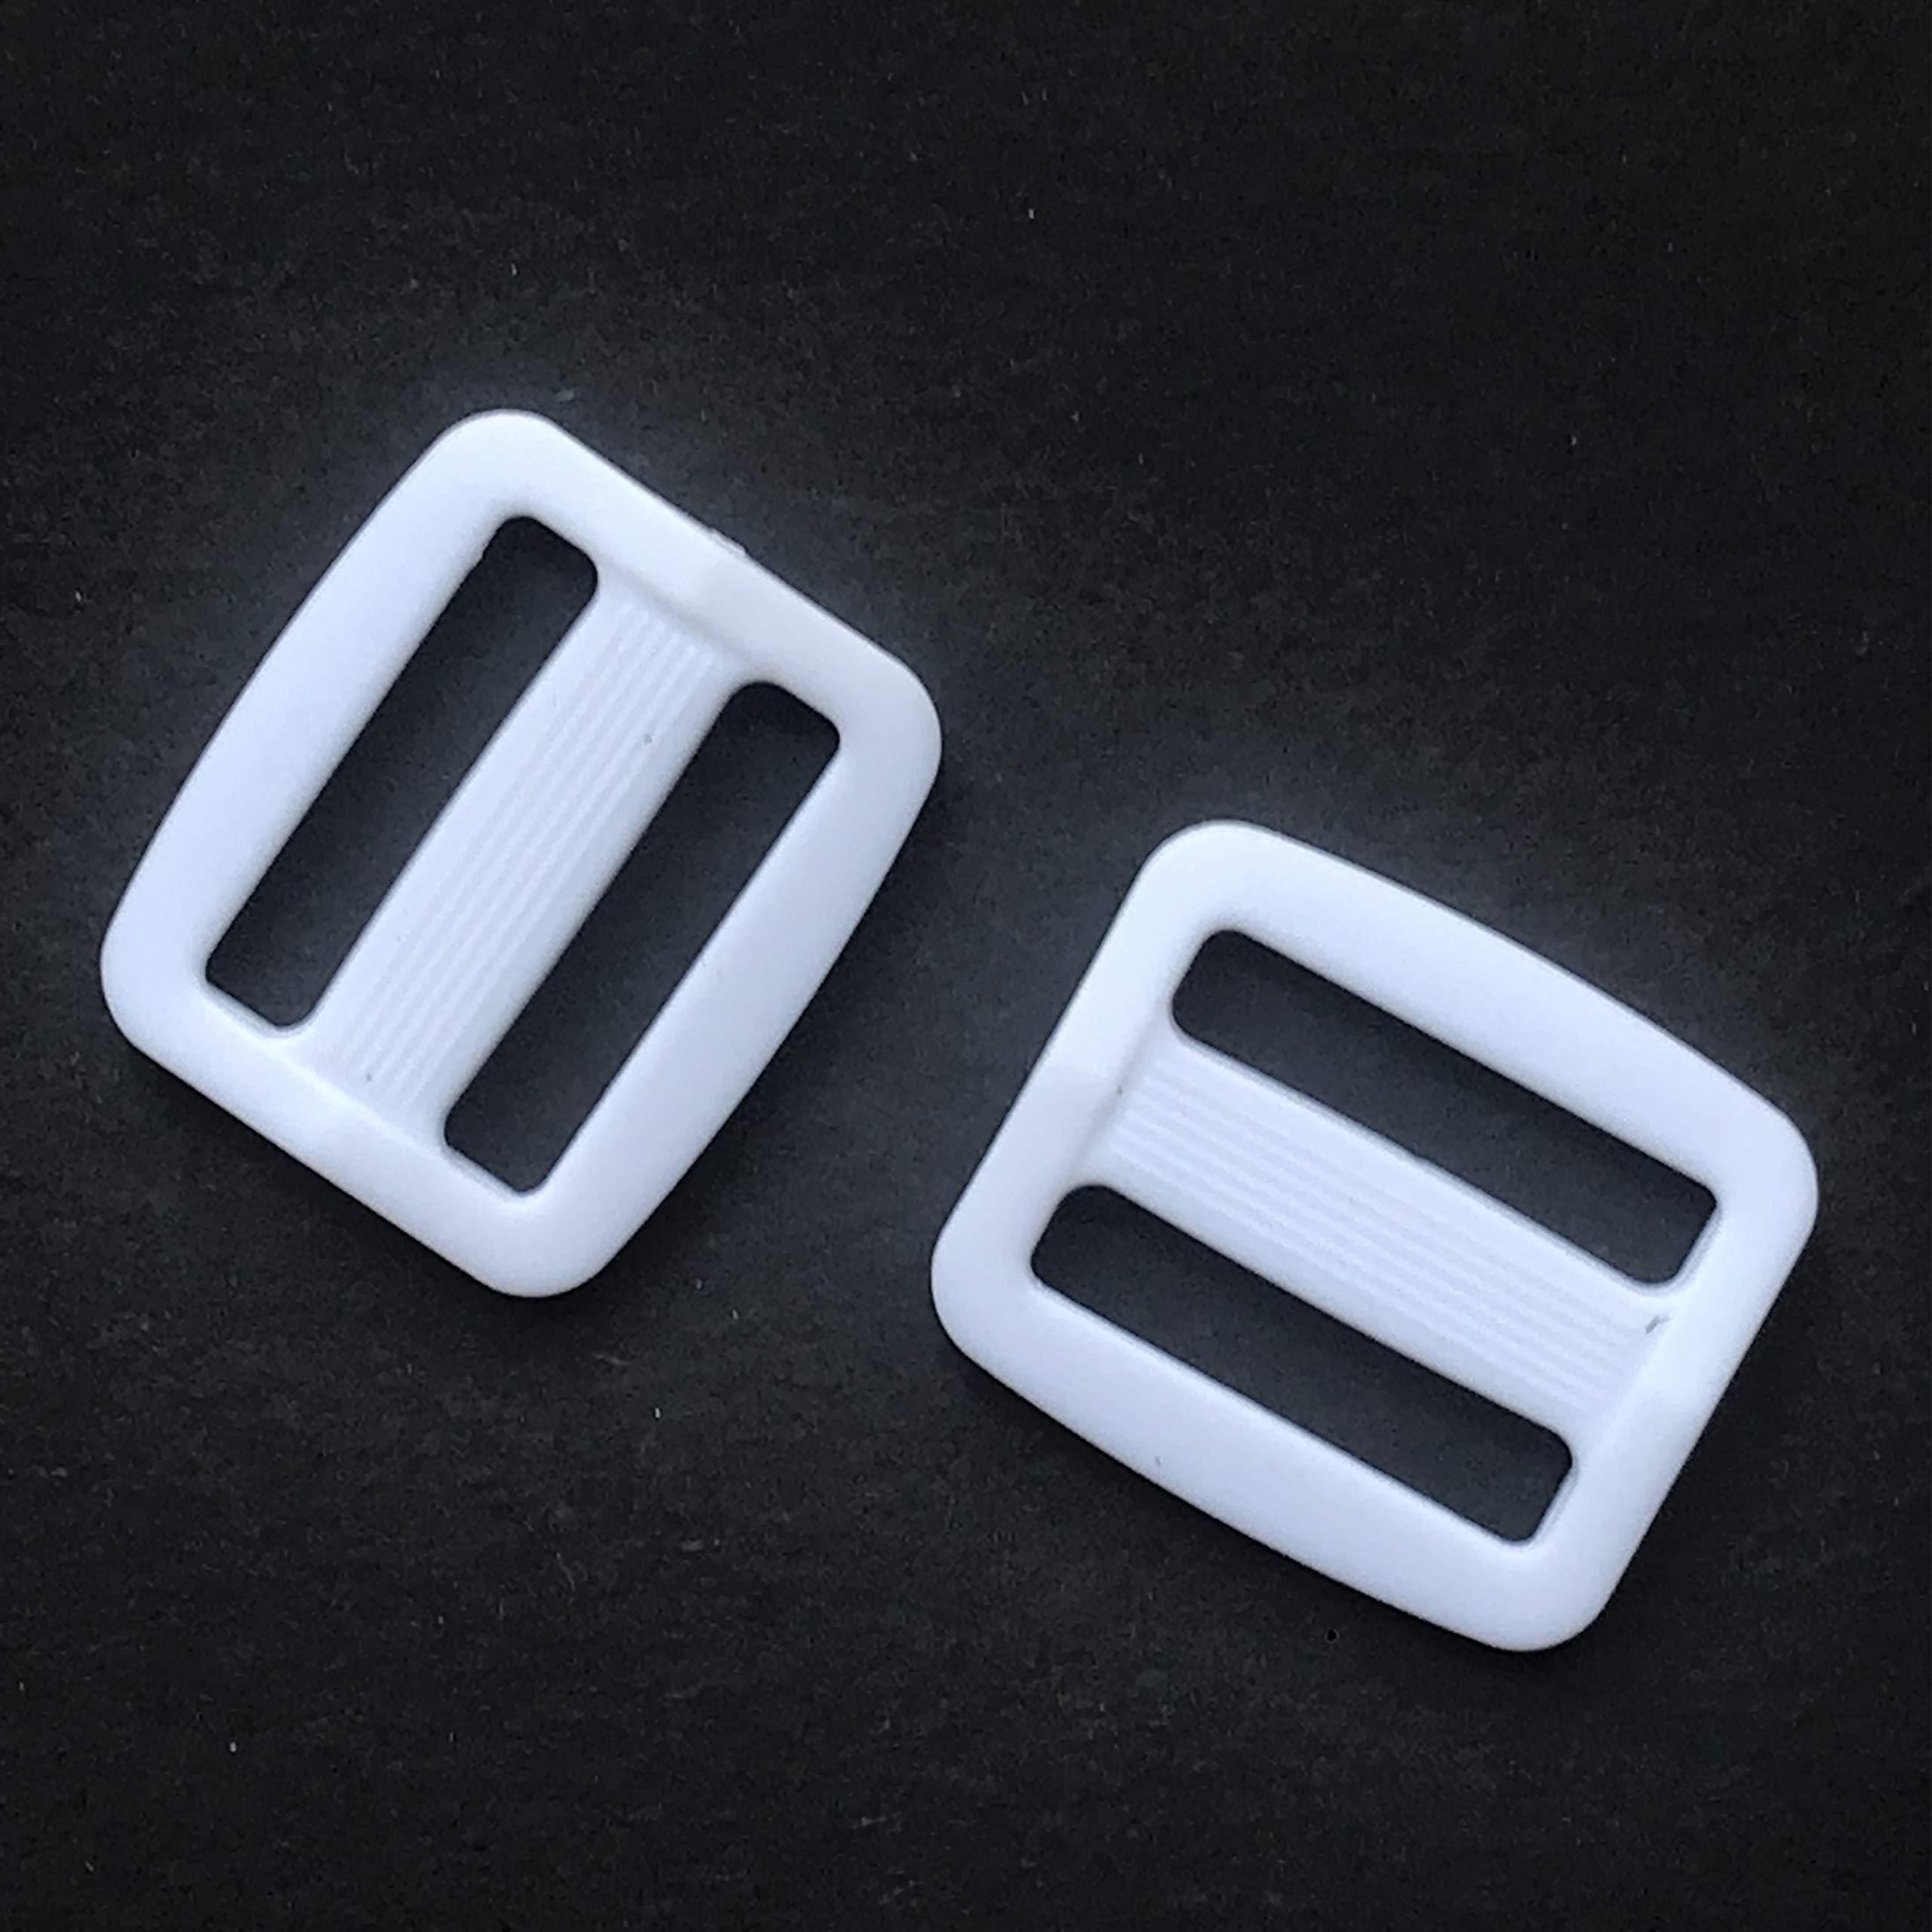 20 Black Slide Buckle 1 inch Metal Triglide Slides Rectangle Adjustable Webbing Slider for Purse Bag Suspenders Making DIY Accessories,Q131